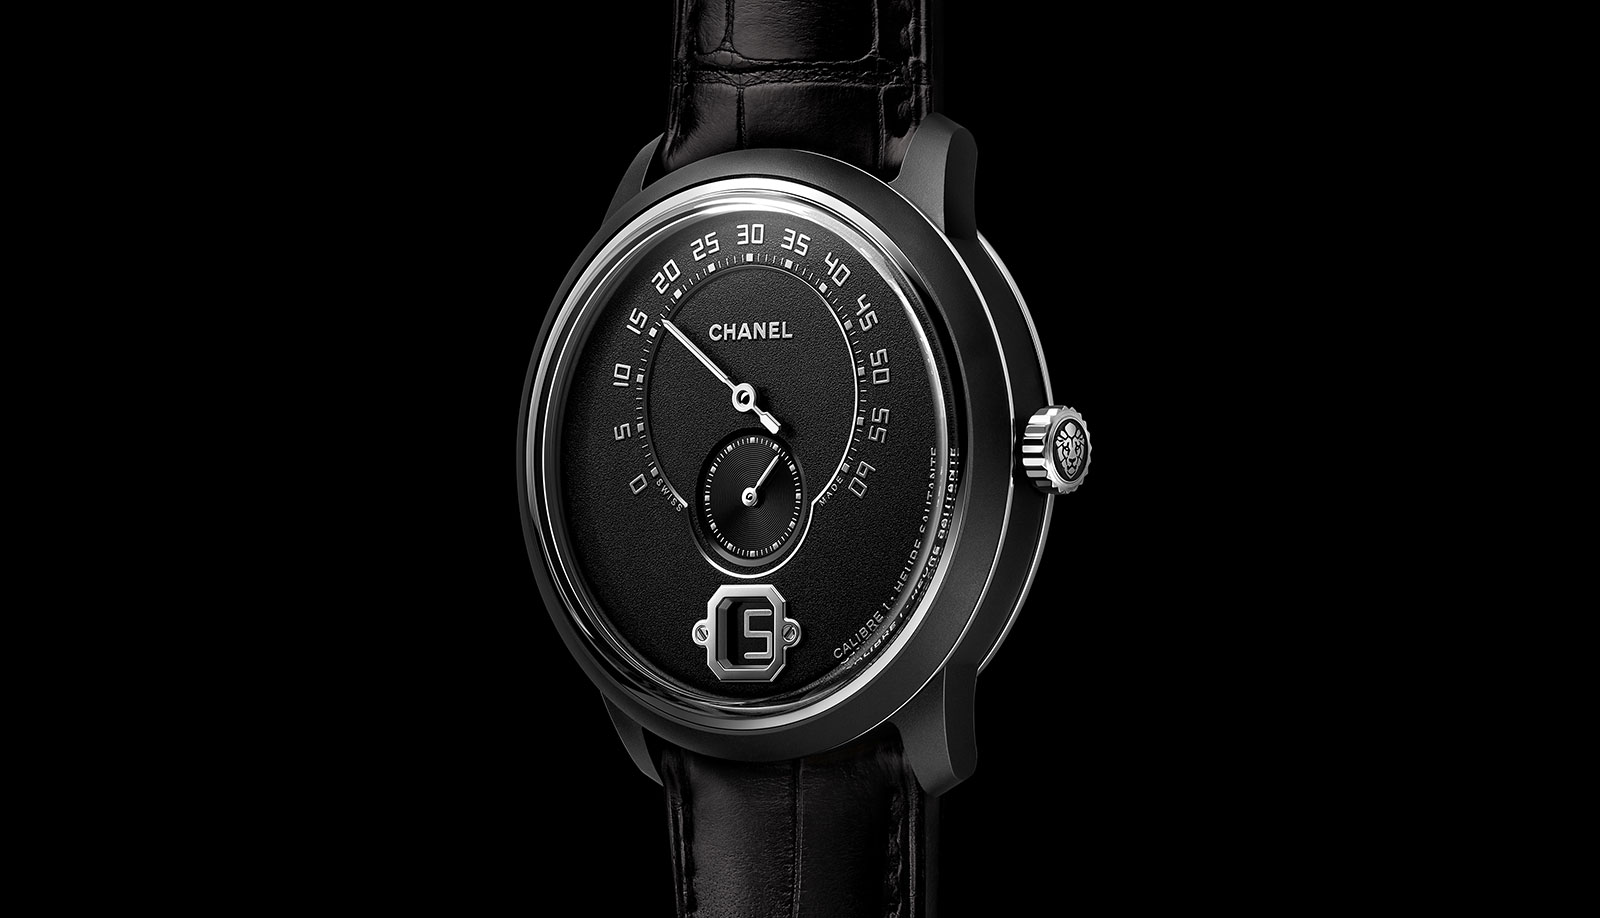 193260a59d9fc Chanel Introduces the Monsieur Édition Noire in Black Ceramic Sleek ...